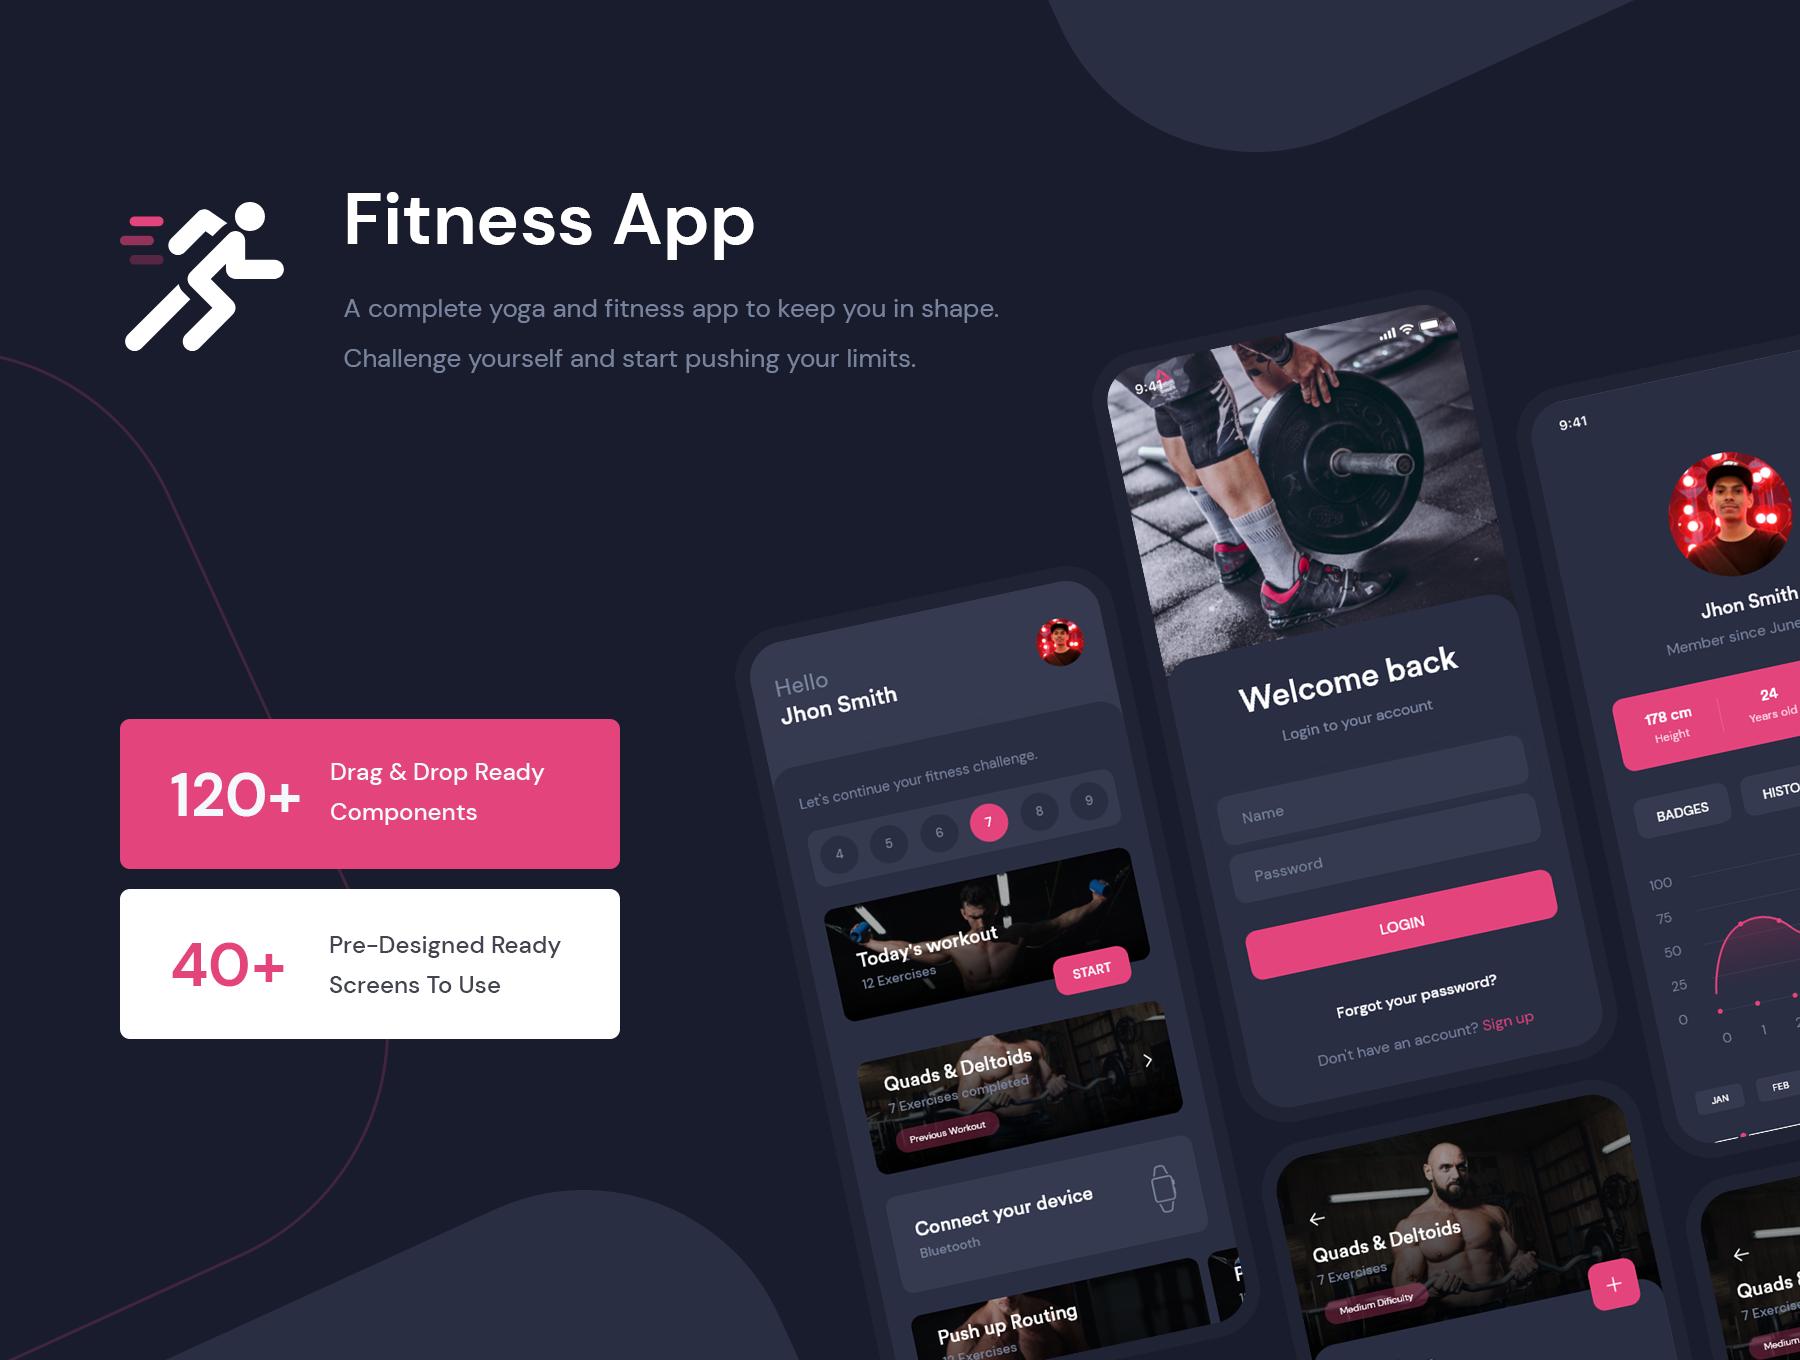 健身减肥健康饮食APP应用程序界面设计UI套件 Fitness Workout App UI Kit插图